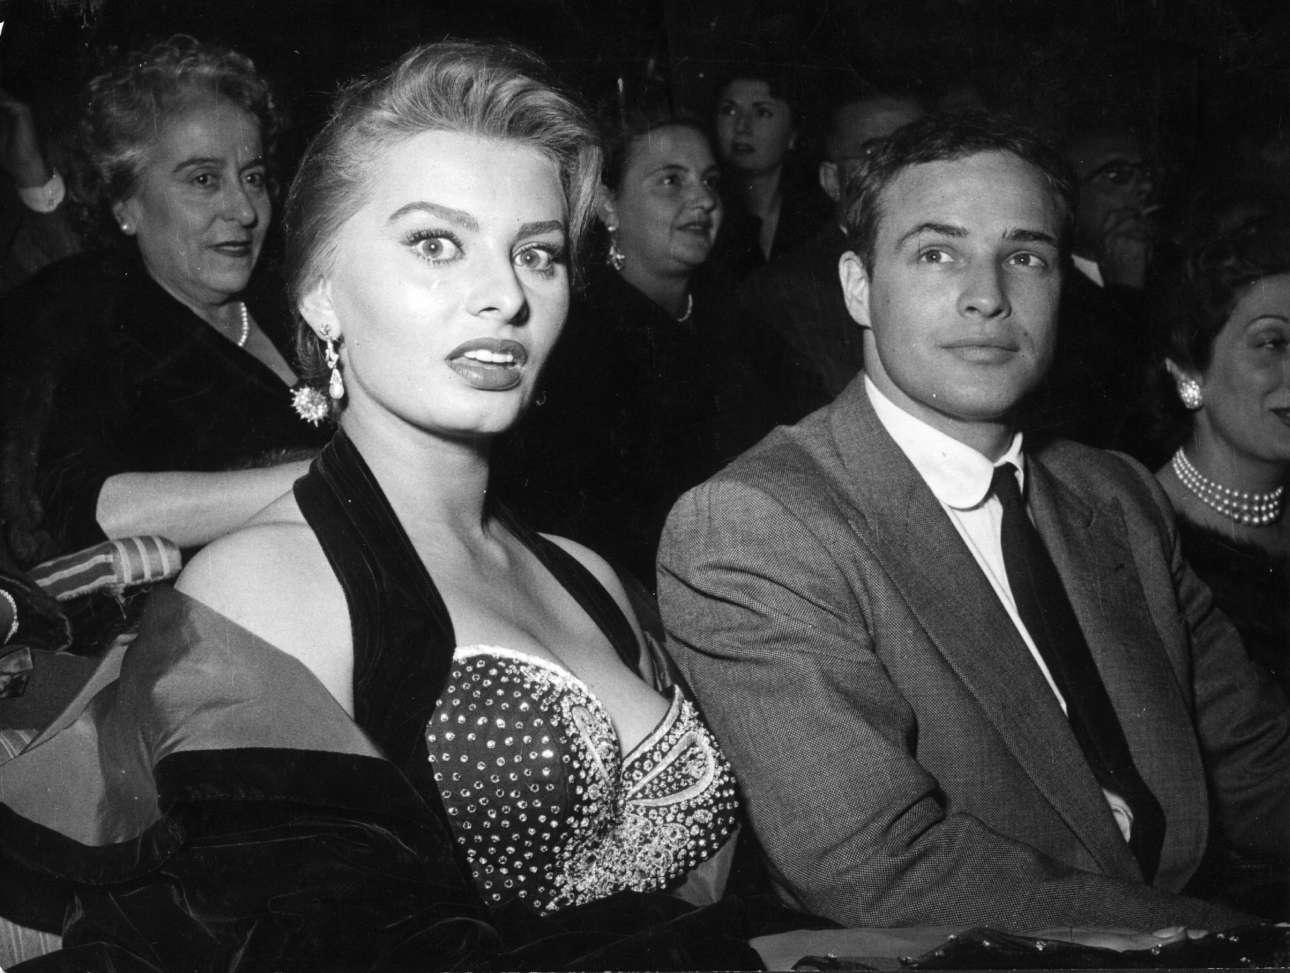 Νοέμβριος 1954, Ρώμη. Τα φλας των φωτογράφων αιφνιδιάζουν τη Σοφία Λόρεν που συνοδεύει τον Μάρλον Μπράντο σε βράβευσή του για το «Λιμάνι της Αγωνίας»